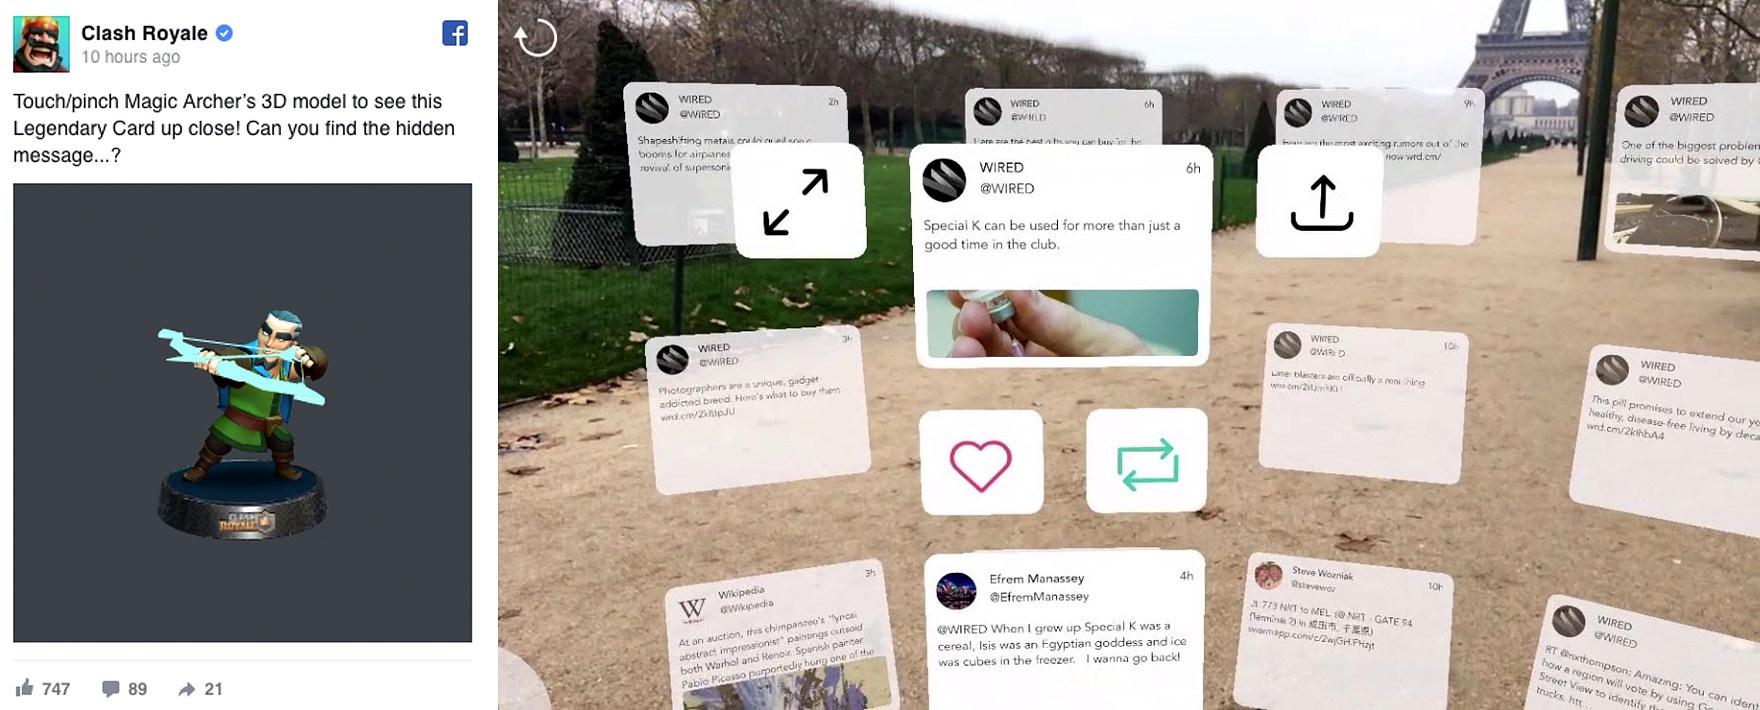 페이스북의 3D 포스팅(좌)과 TweetReality 서비스 화면(우)